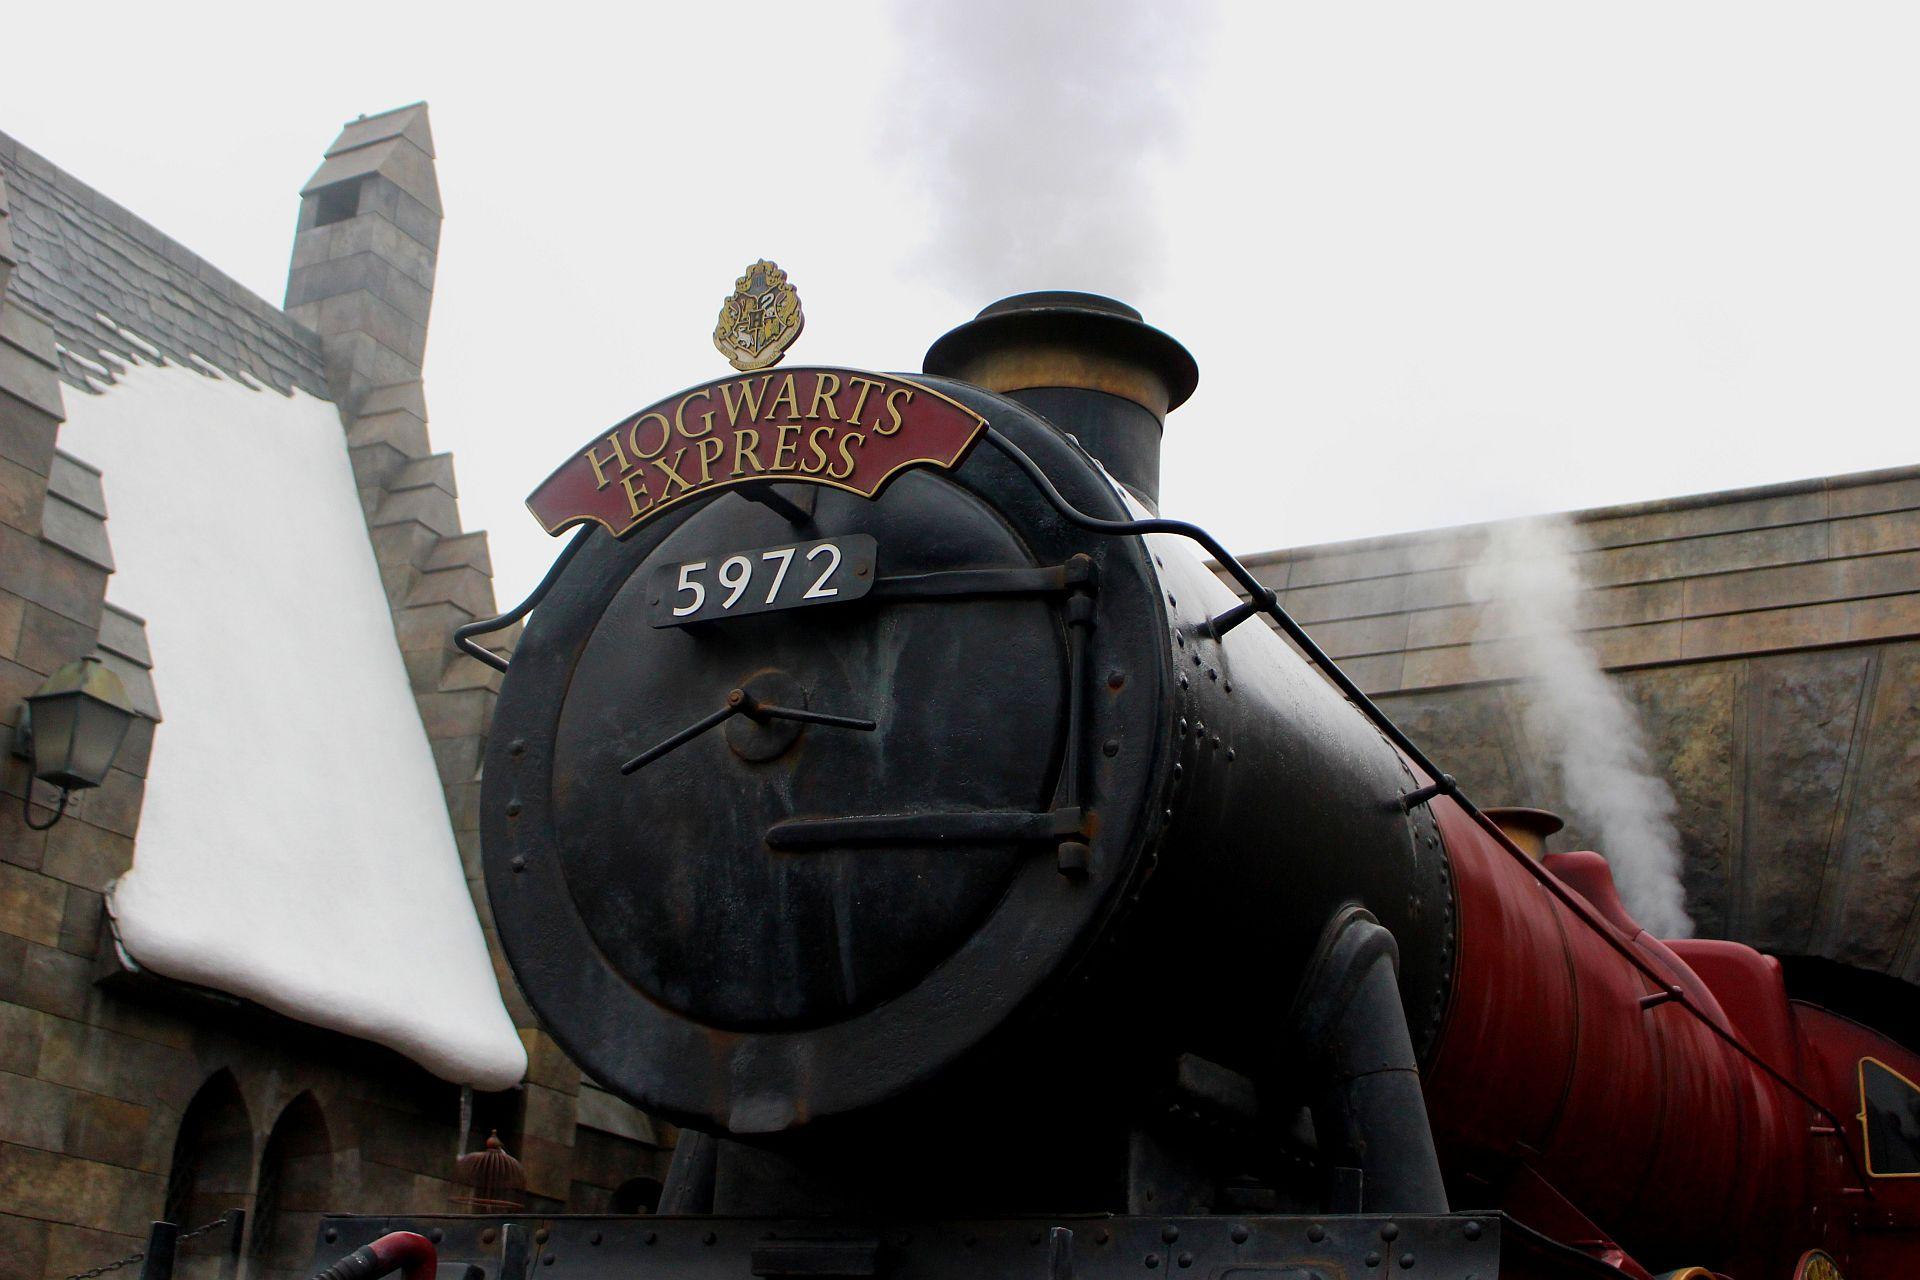 Hogwarts-train-image-2